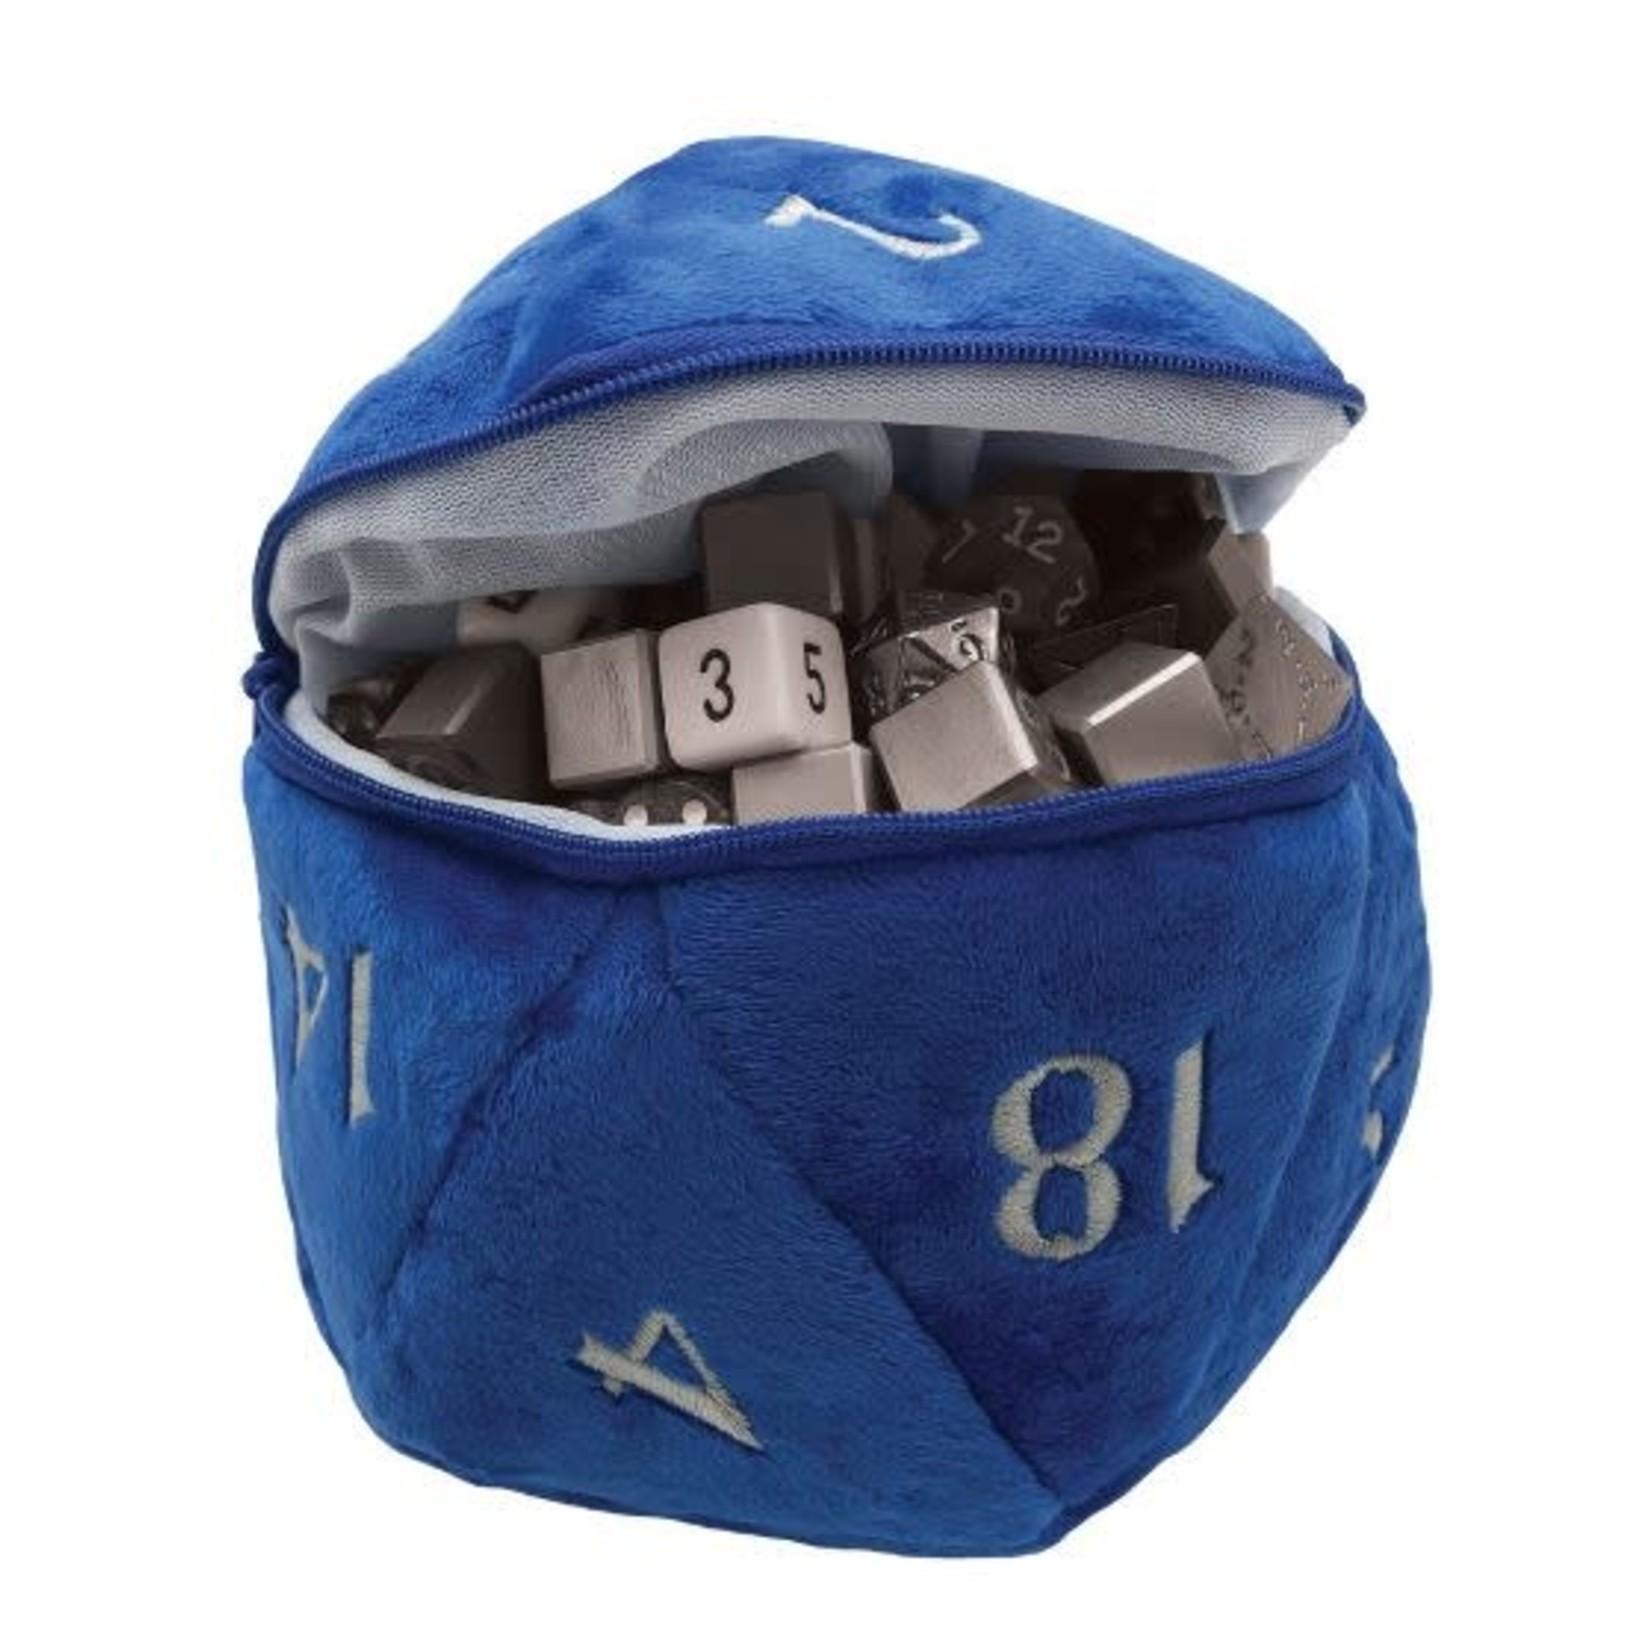 Ultra Pro Dice Bag D20 Blue Plush